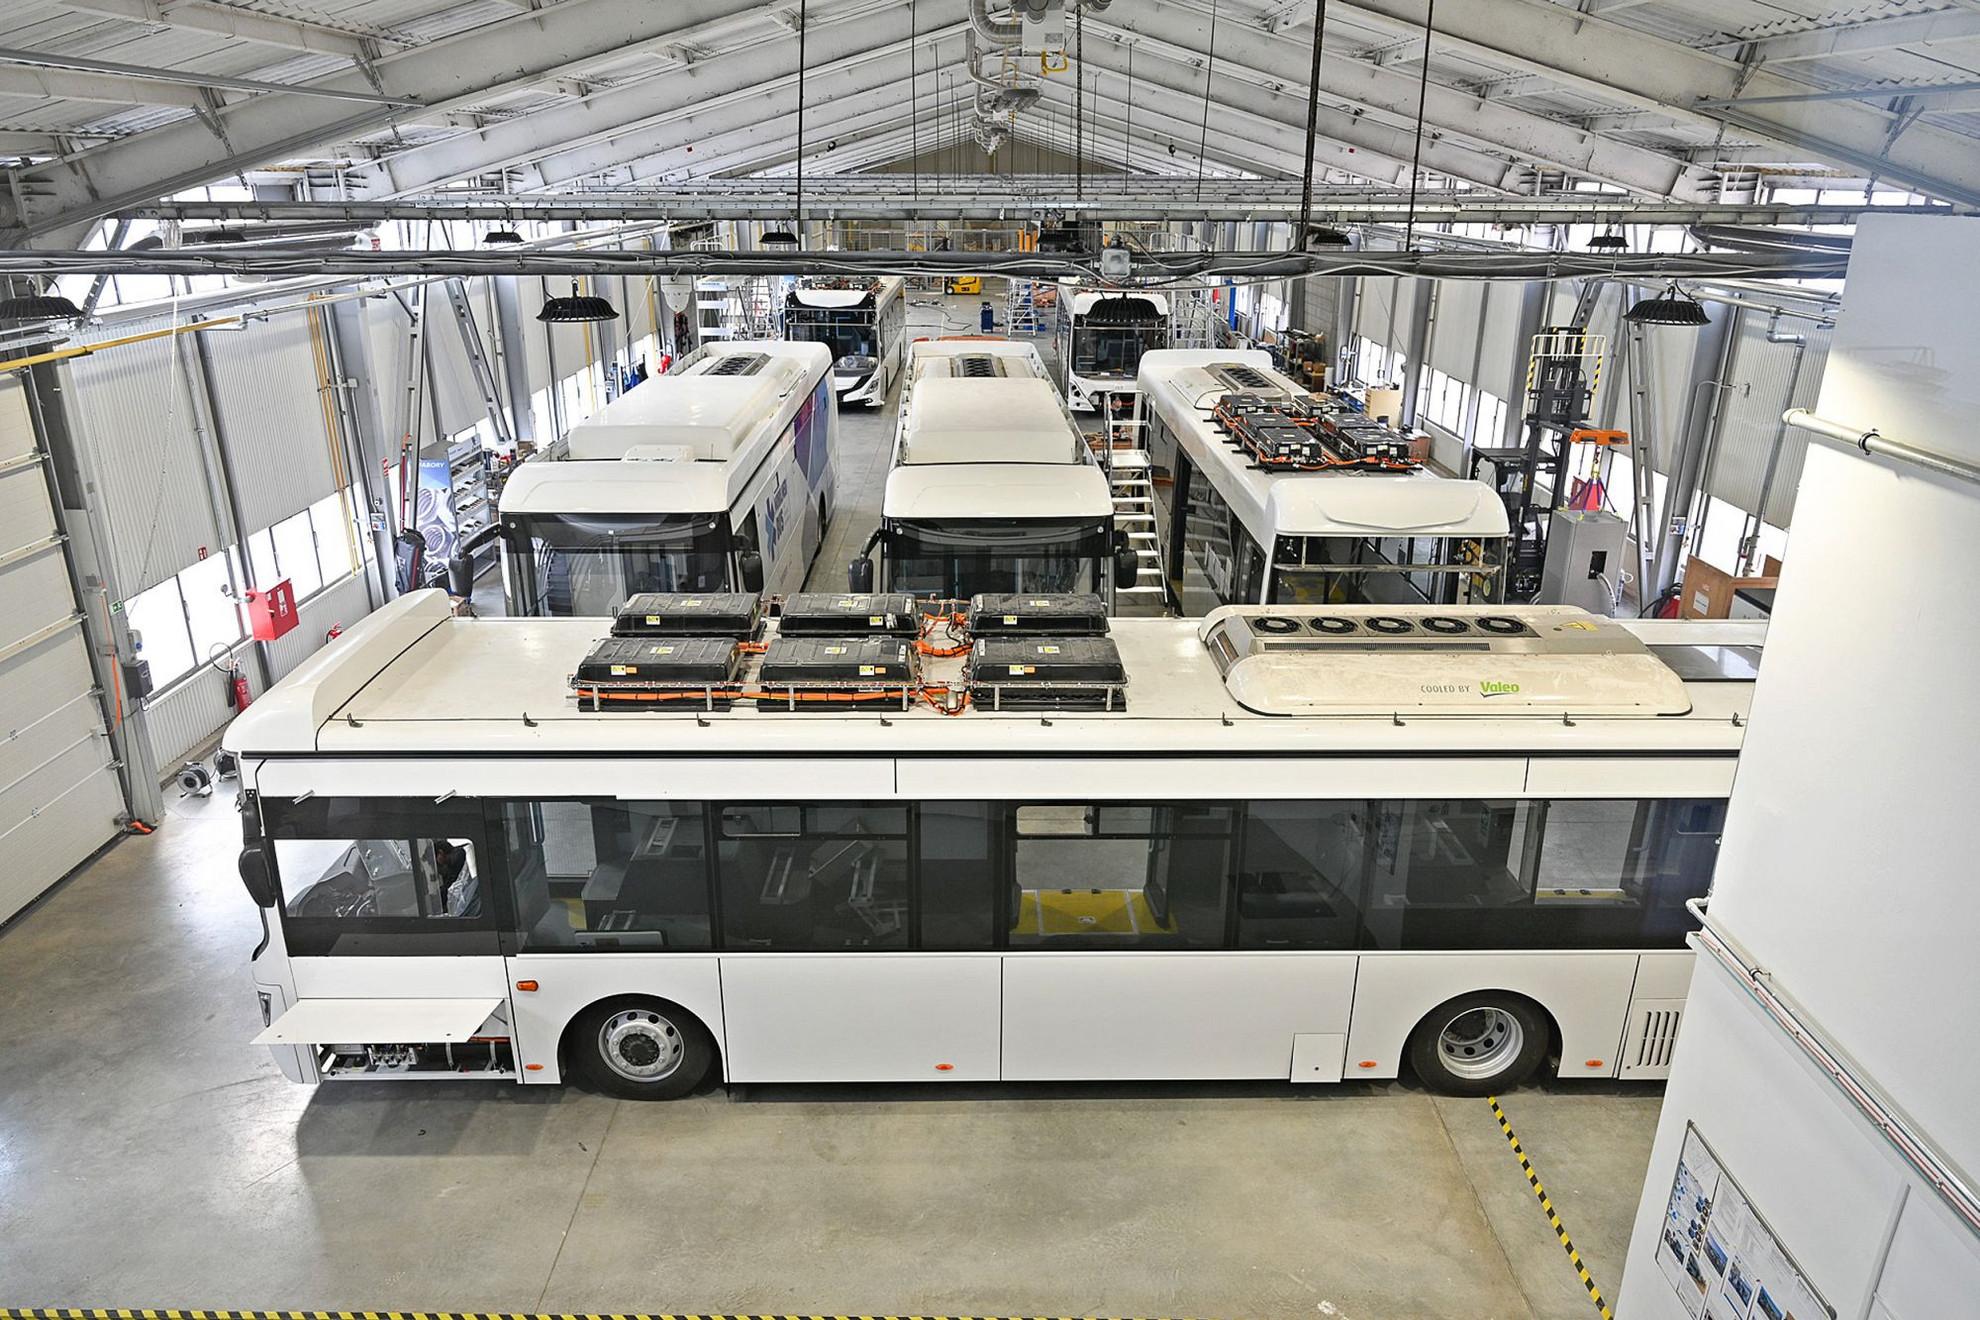 Készülnek a Medical e-Busok az Ikarus székesfehérvári gyártócsarnokában